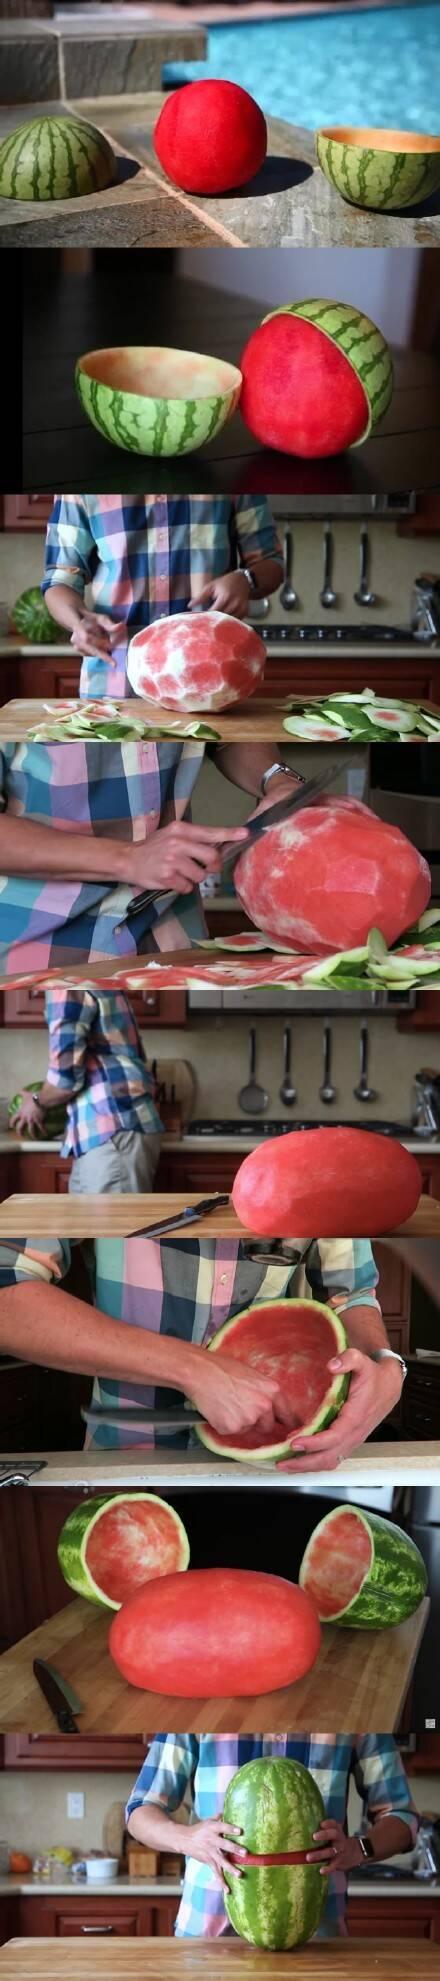 国外很火爆的西瓜新吃法 你们歪果仁真会玩|含动